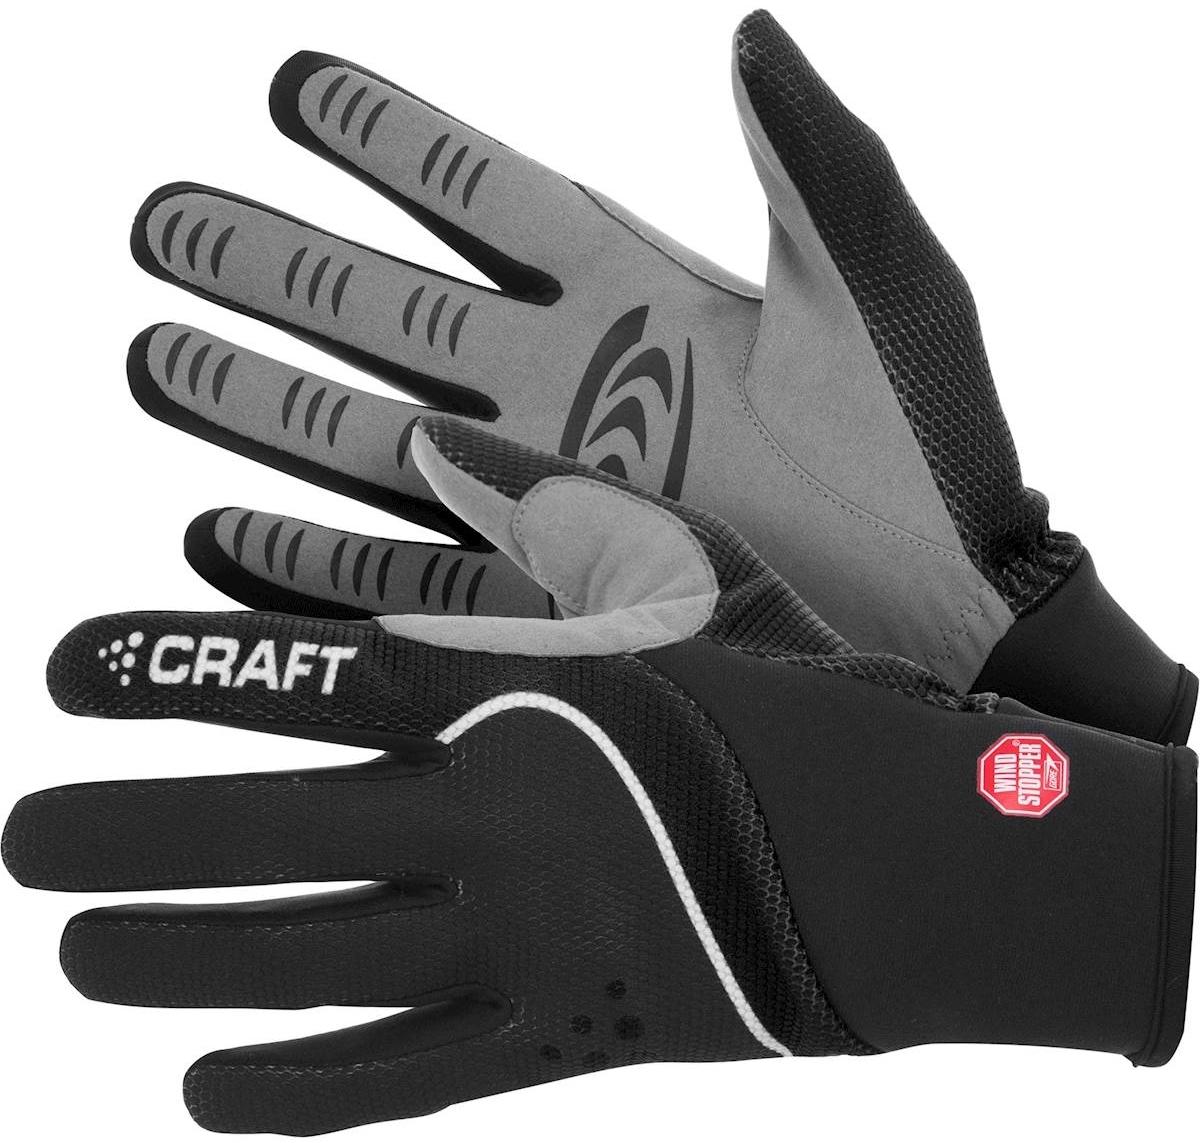 Rukavice Craft Power WS - černá/bílá S